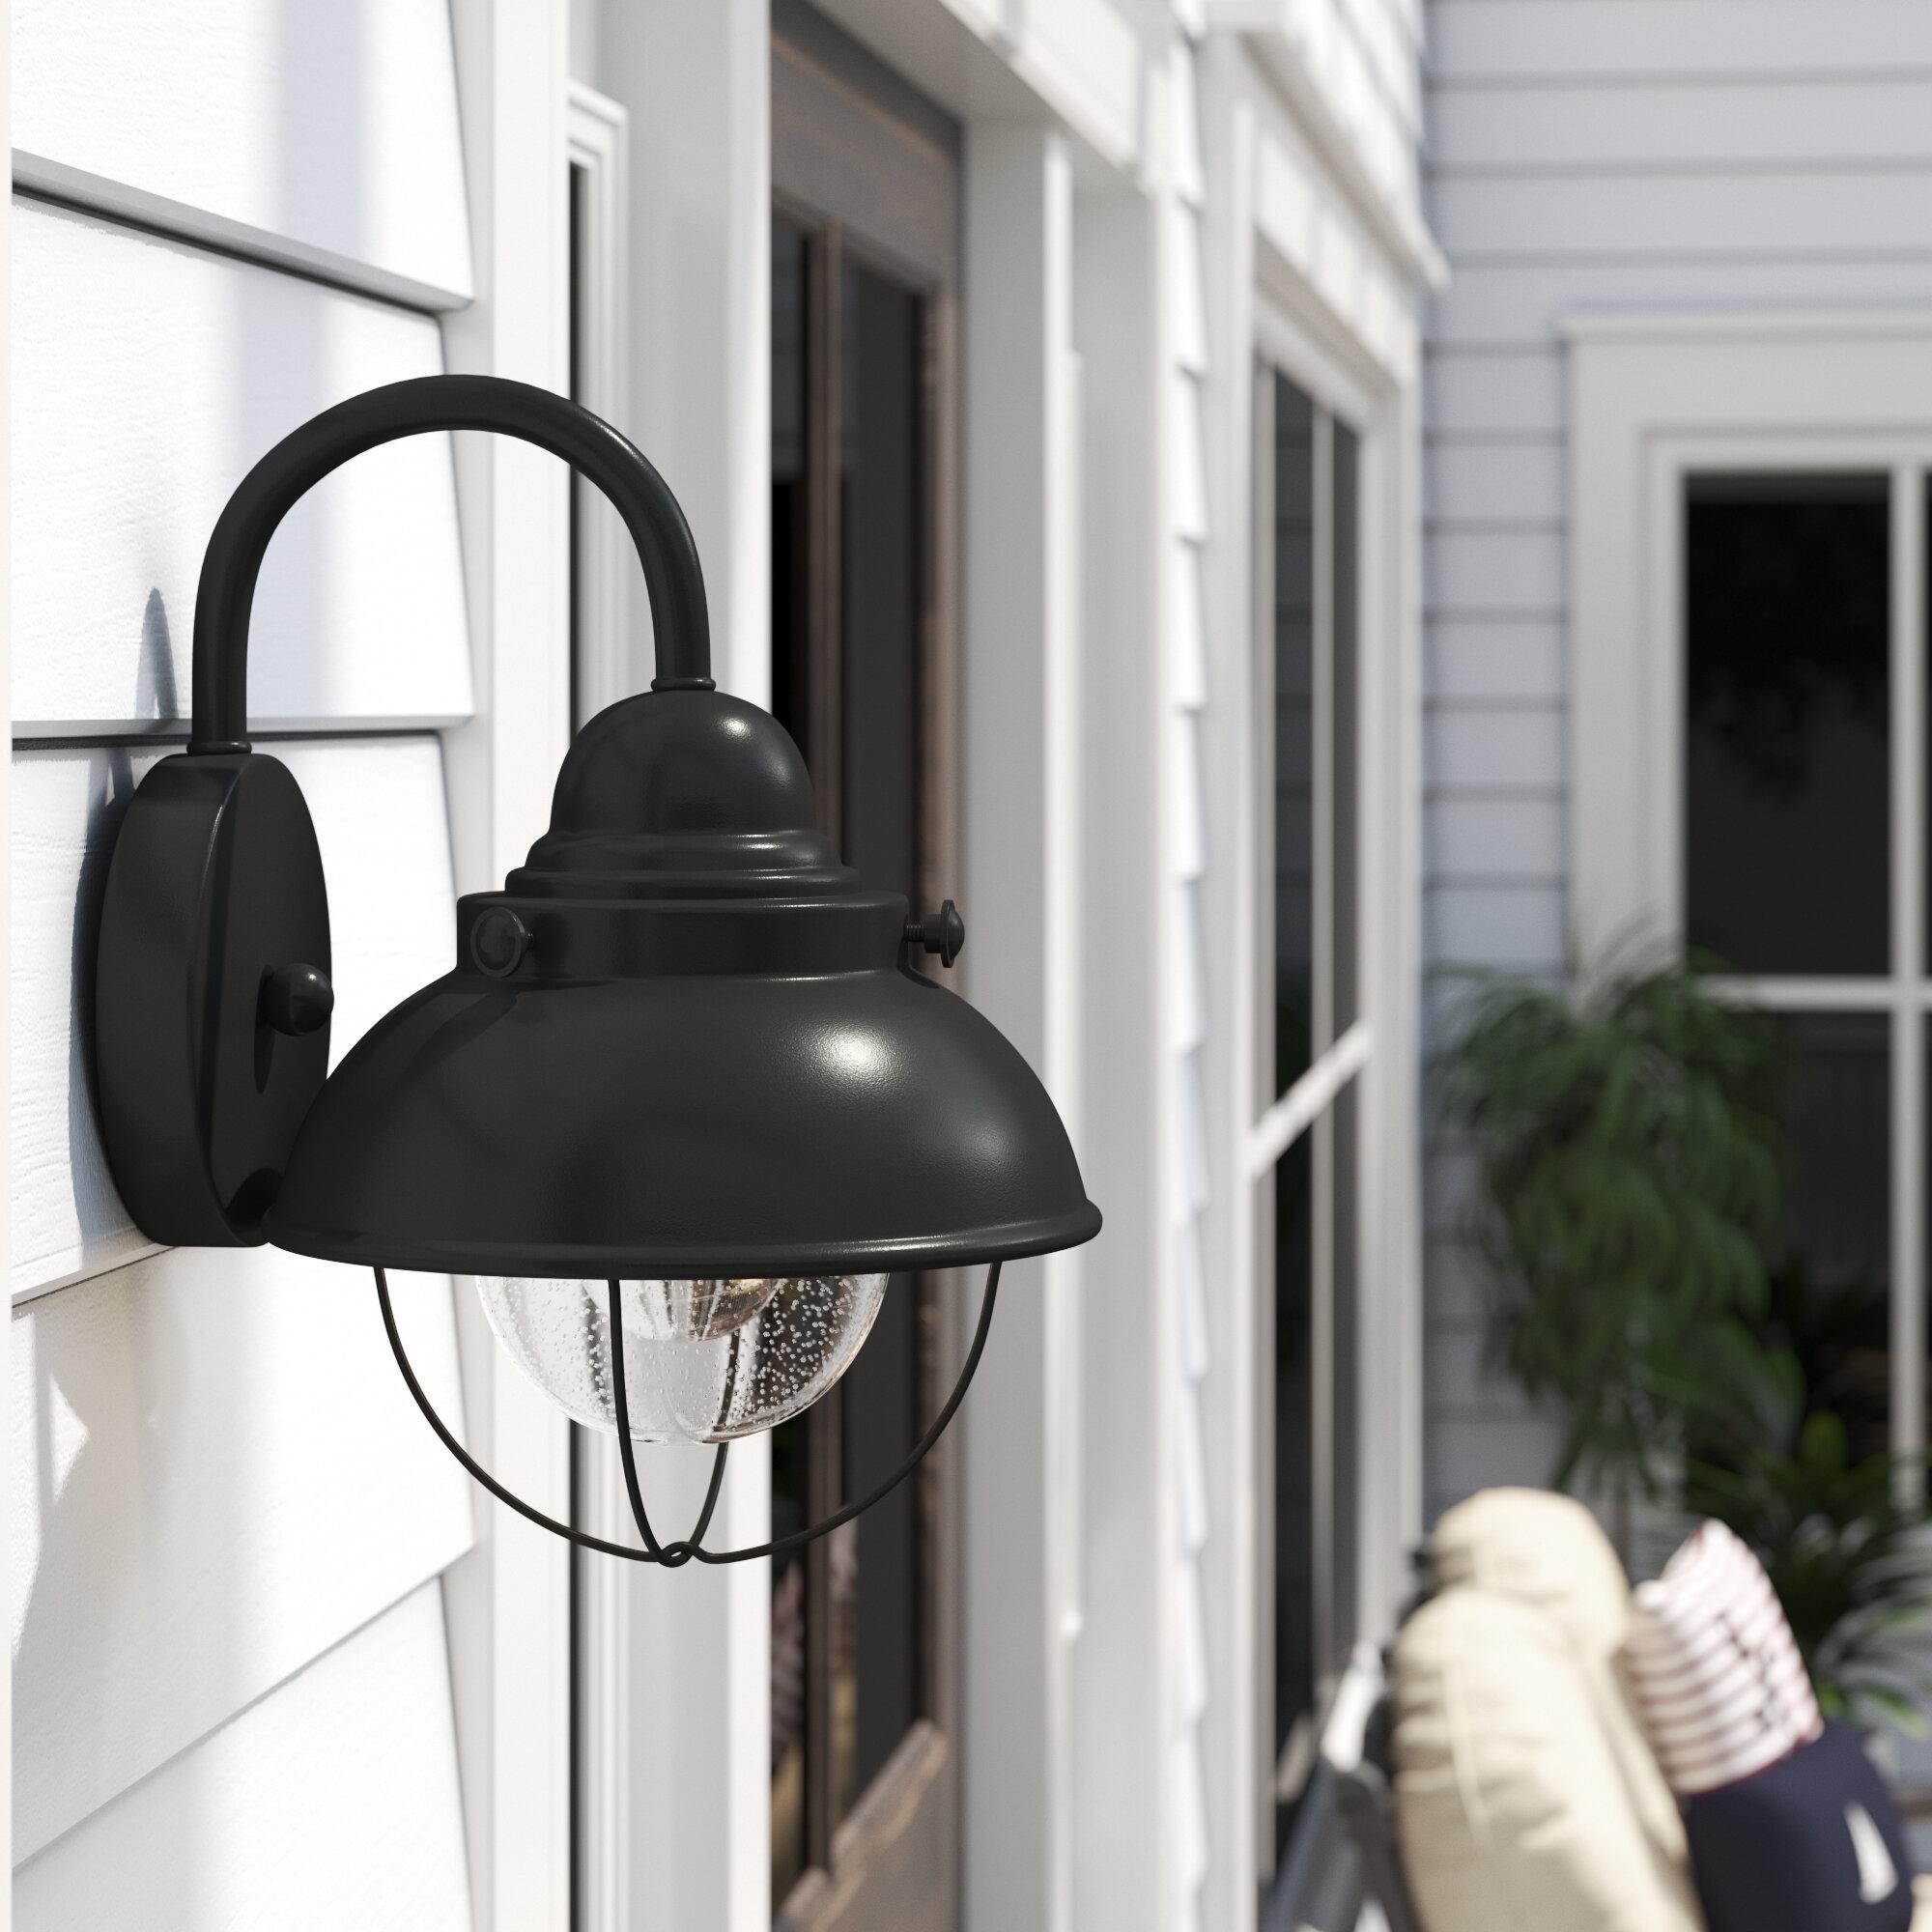 Beachcrest Home Corbel 1-Light Outdoor Barn Light & Reviews | Wayfair